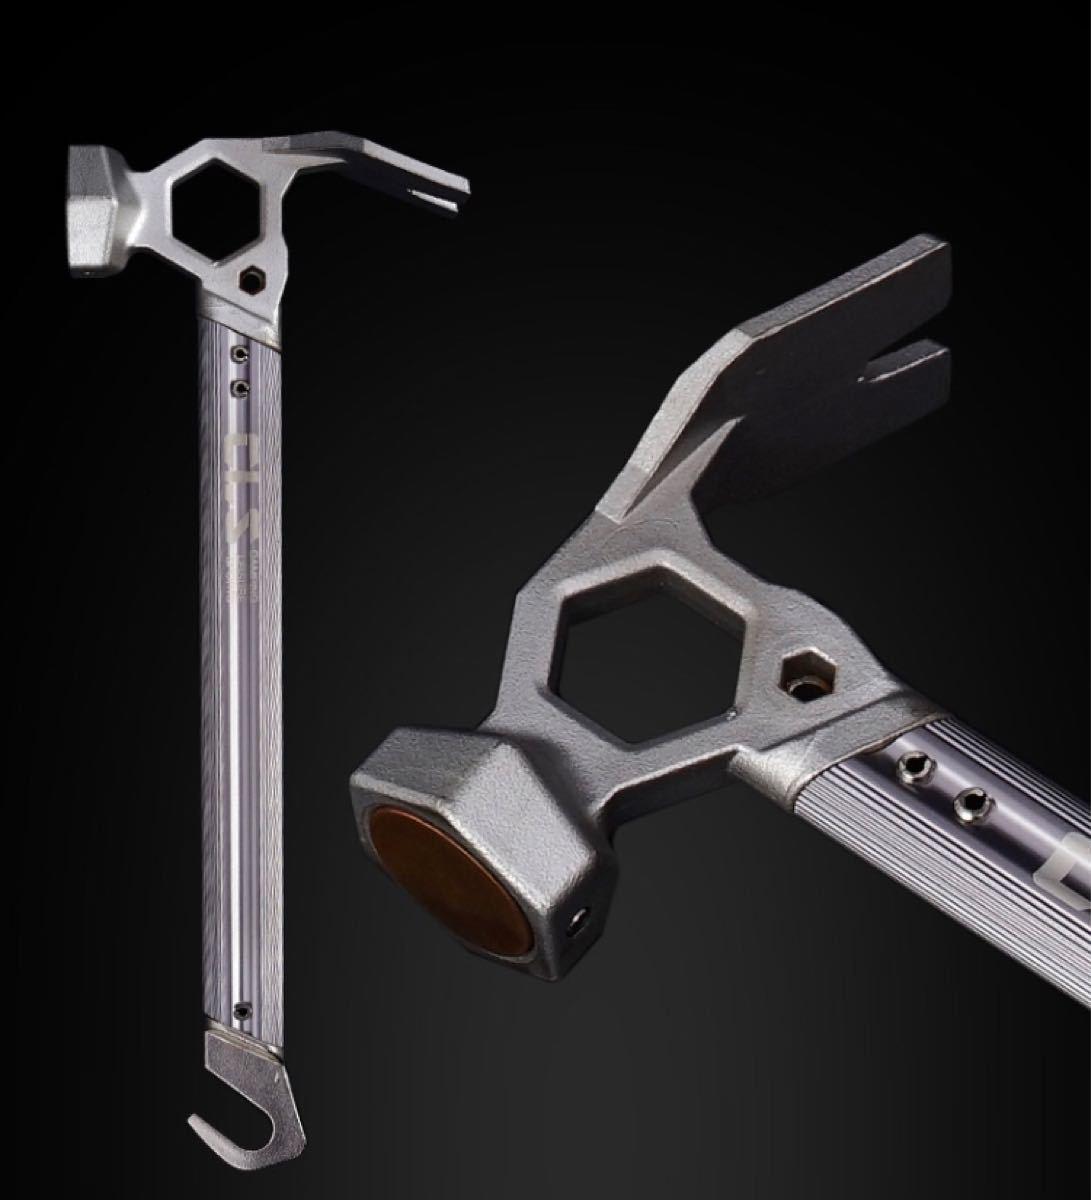 ペグハンマー アルミハンド 軽量 ステンレス テントハンマー アウトドア用 多機能 ペグ打ち ペグ抜き 真鍮ヘッドハンマー